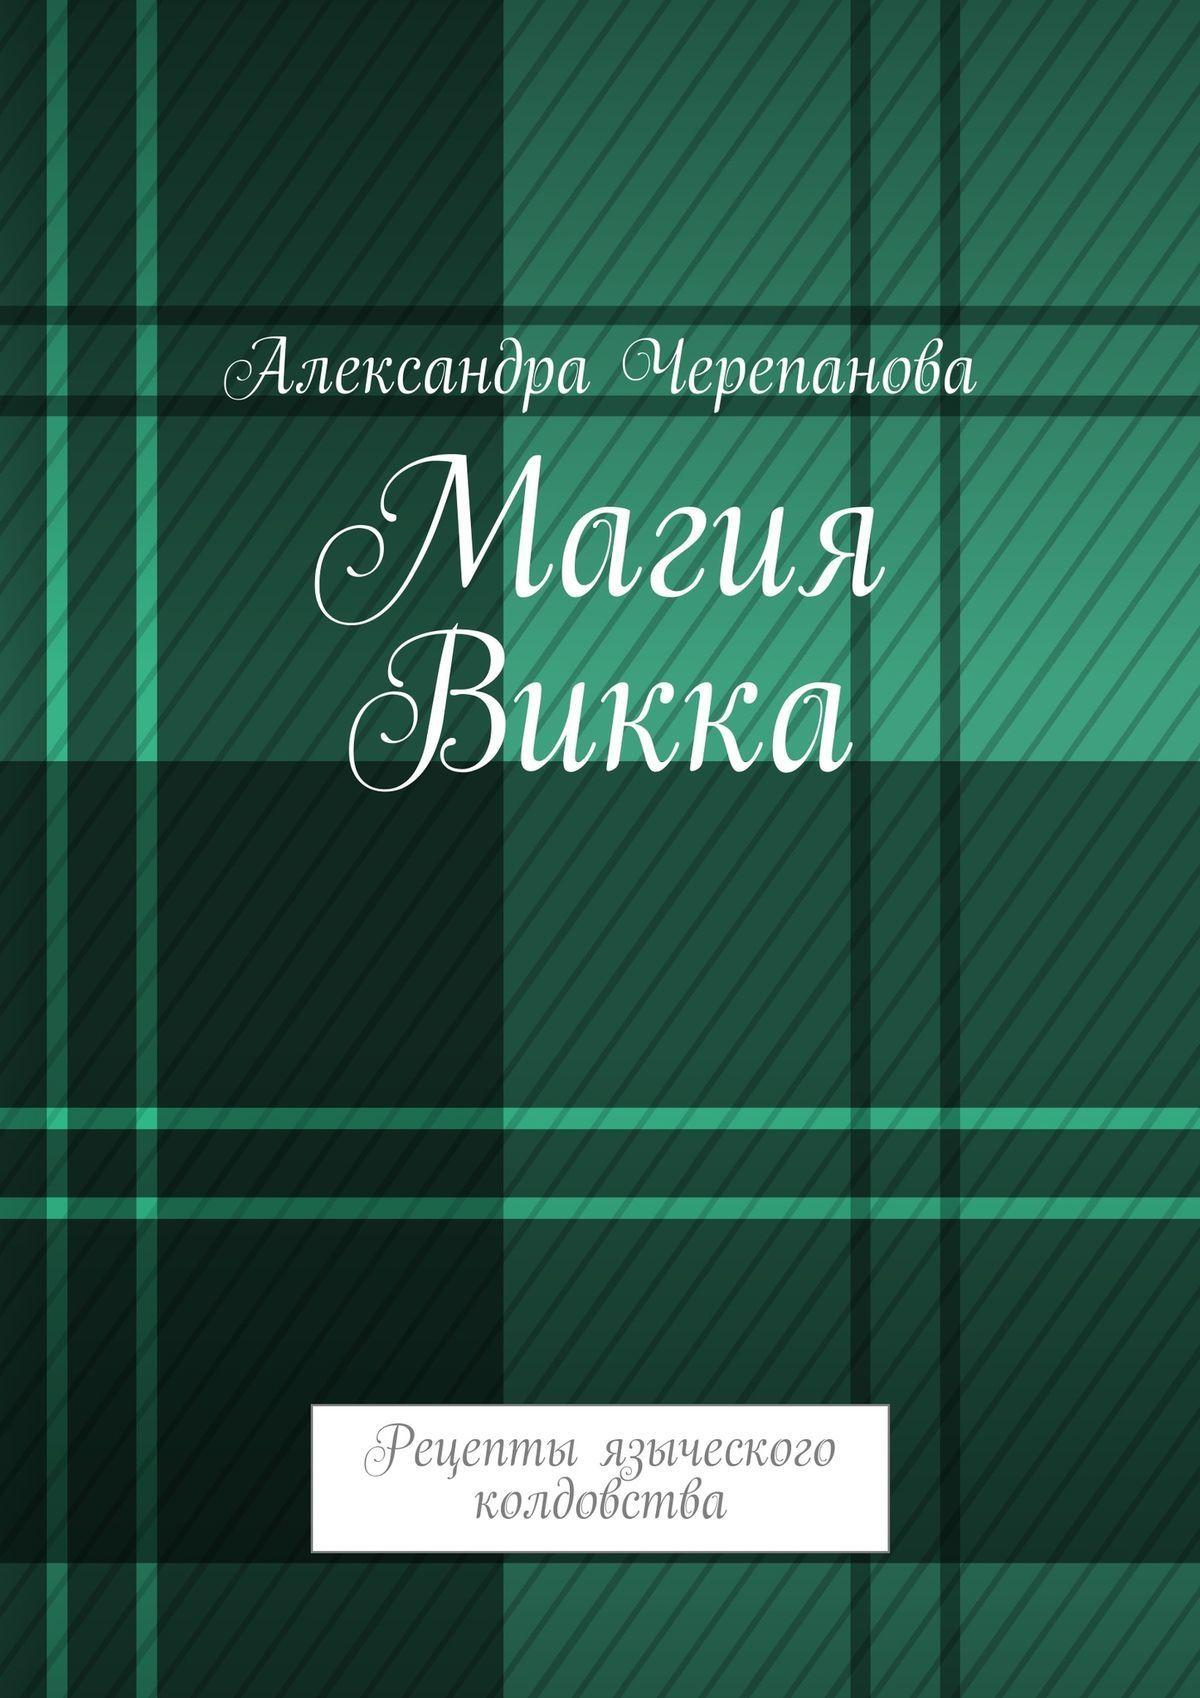 Александра Черепанова Магия Викка. Рецепты языческого колдовства